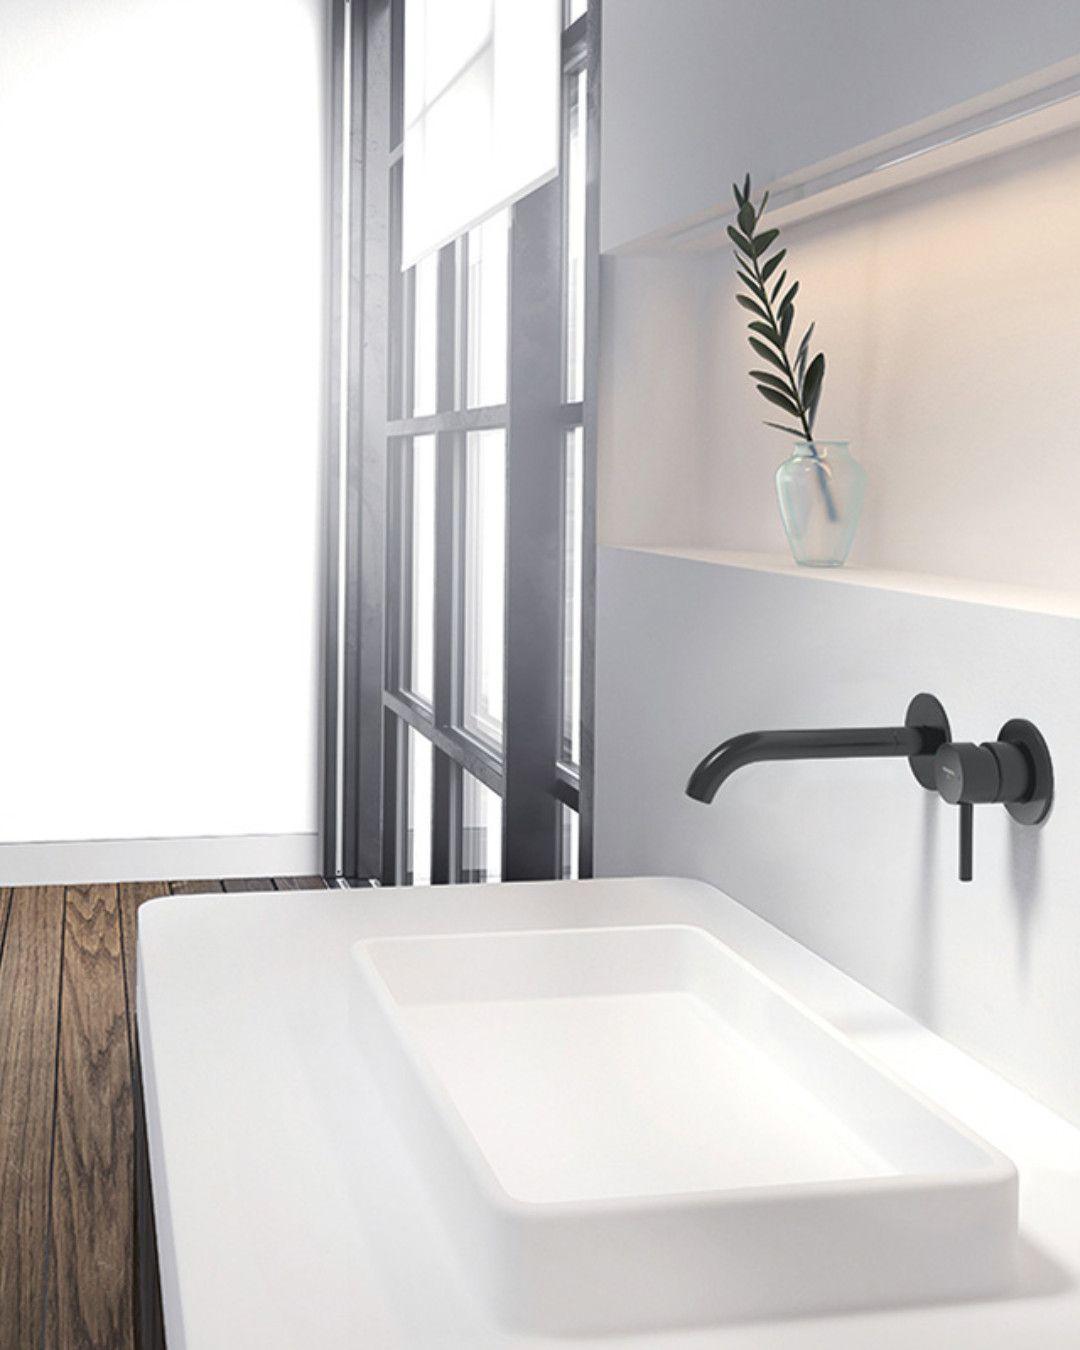 Steinberg Serie 100 Die Waschtischarmatur Verkorpert Einen Klaren Minimalismus Entscheiden Sie Sich Fur Komfortable Zuruc Badezimmer Armaturen Bad Waschtisch